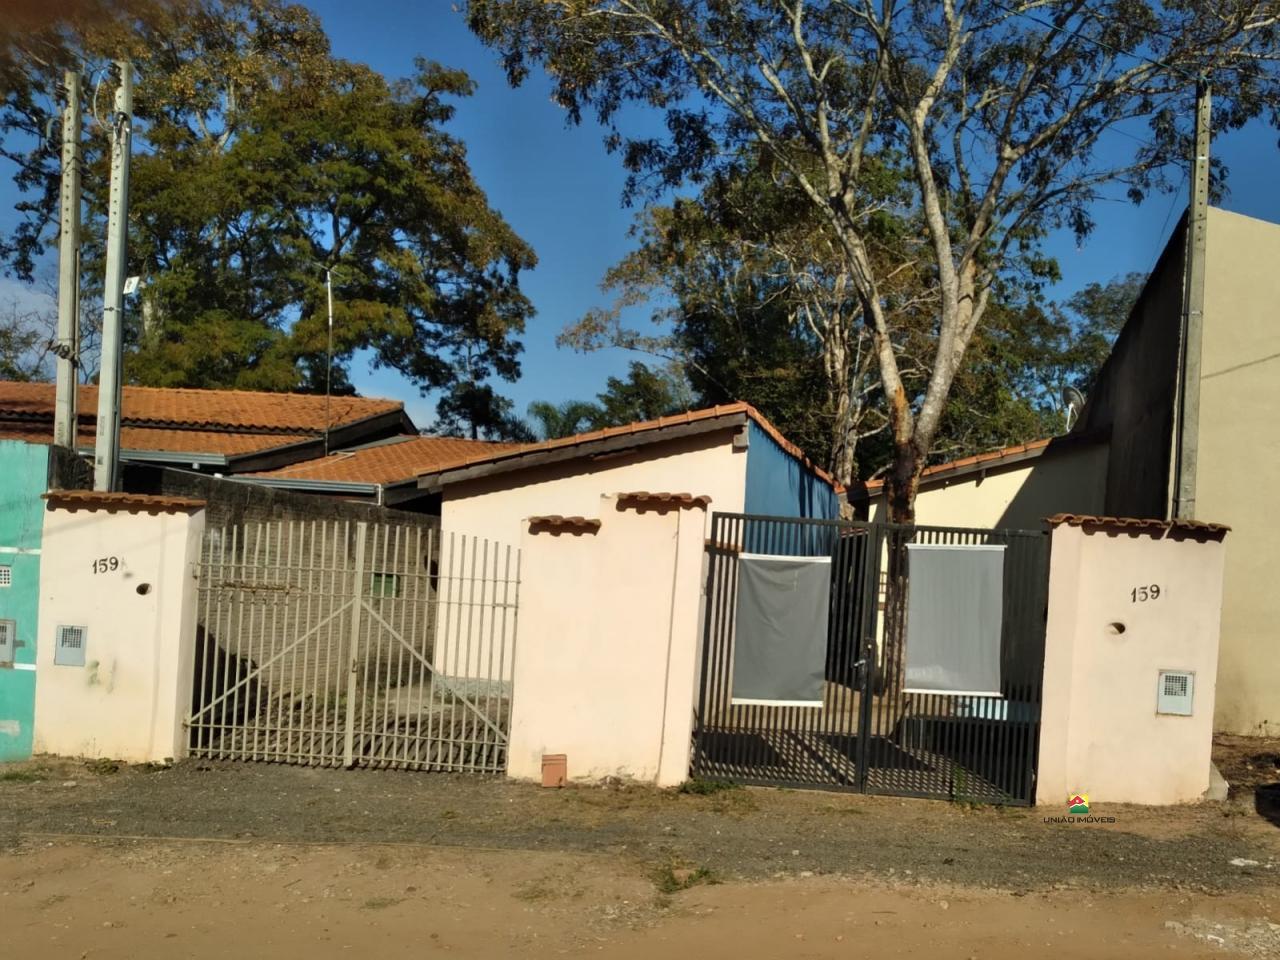 http://www2.sgn2.com.br/clientes/itirapina/vda/v2533a.jpg